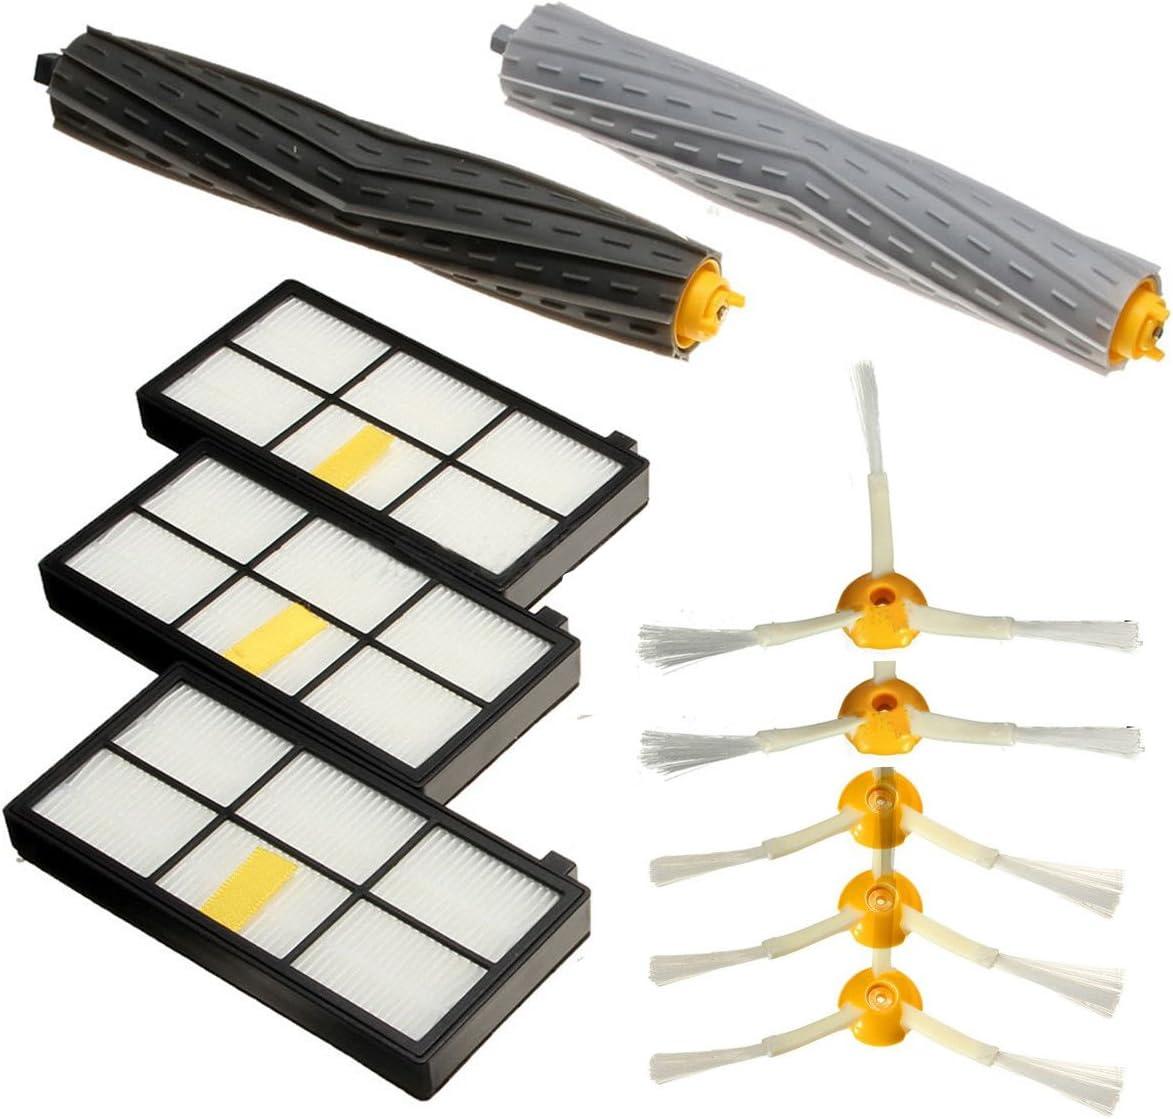 zuolan grande Cepillos y kit de mantenimiento Kit de repuestos para iRobot Roomba filtro de 800 870 880 980: Amazon.es: Hogar